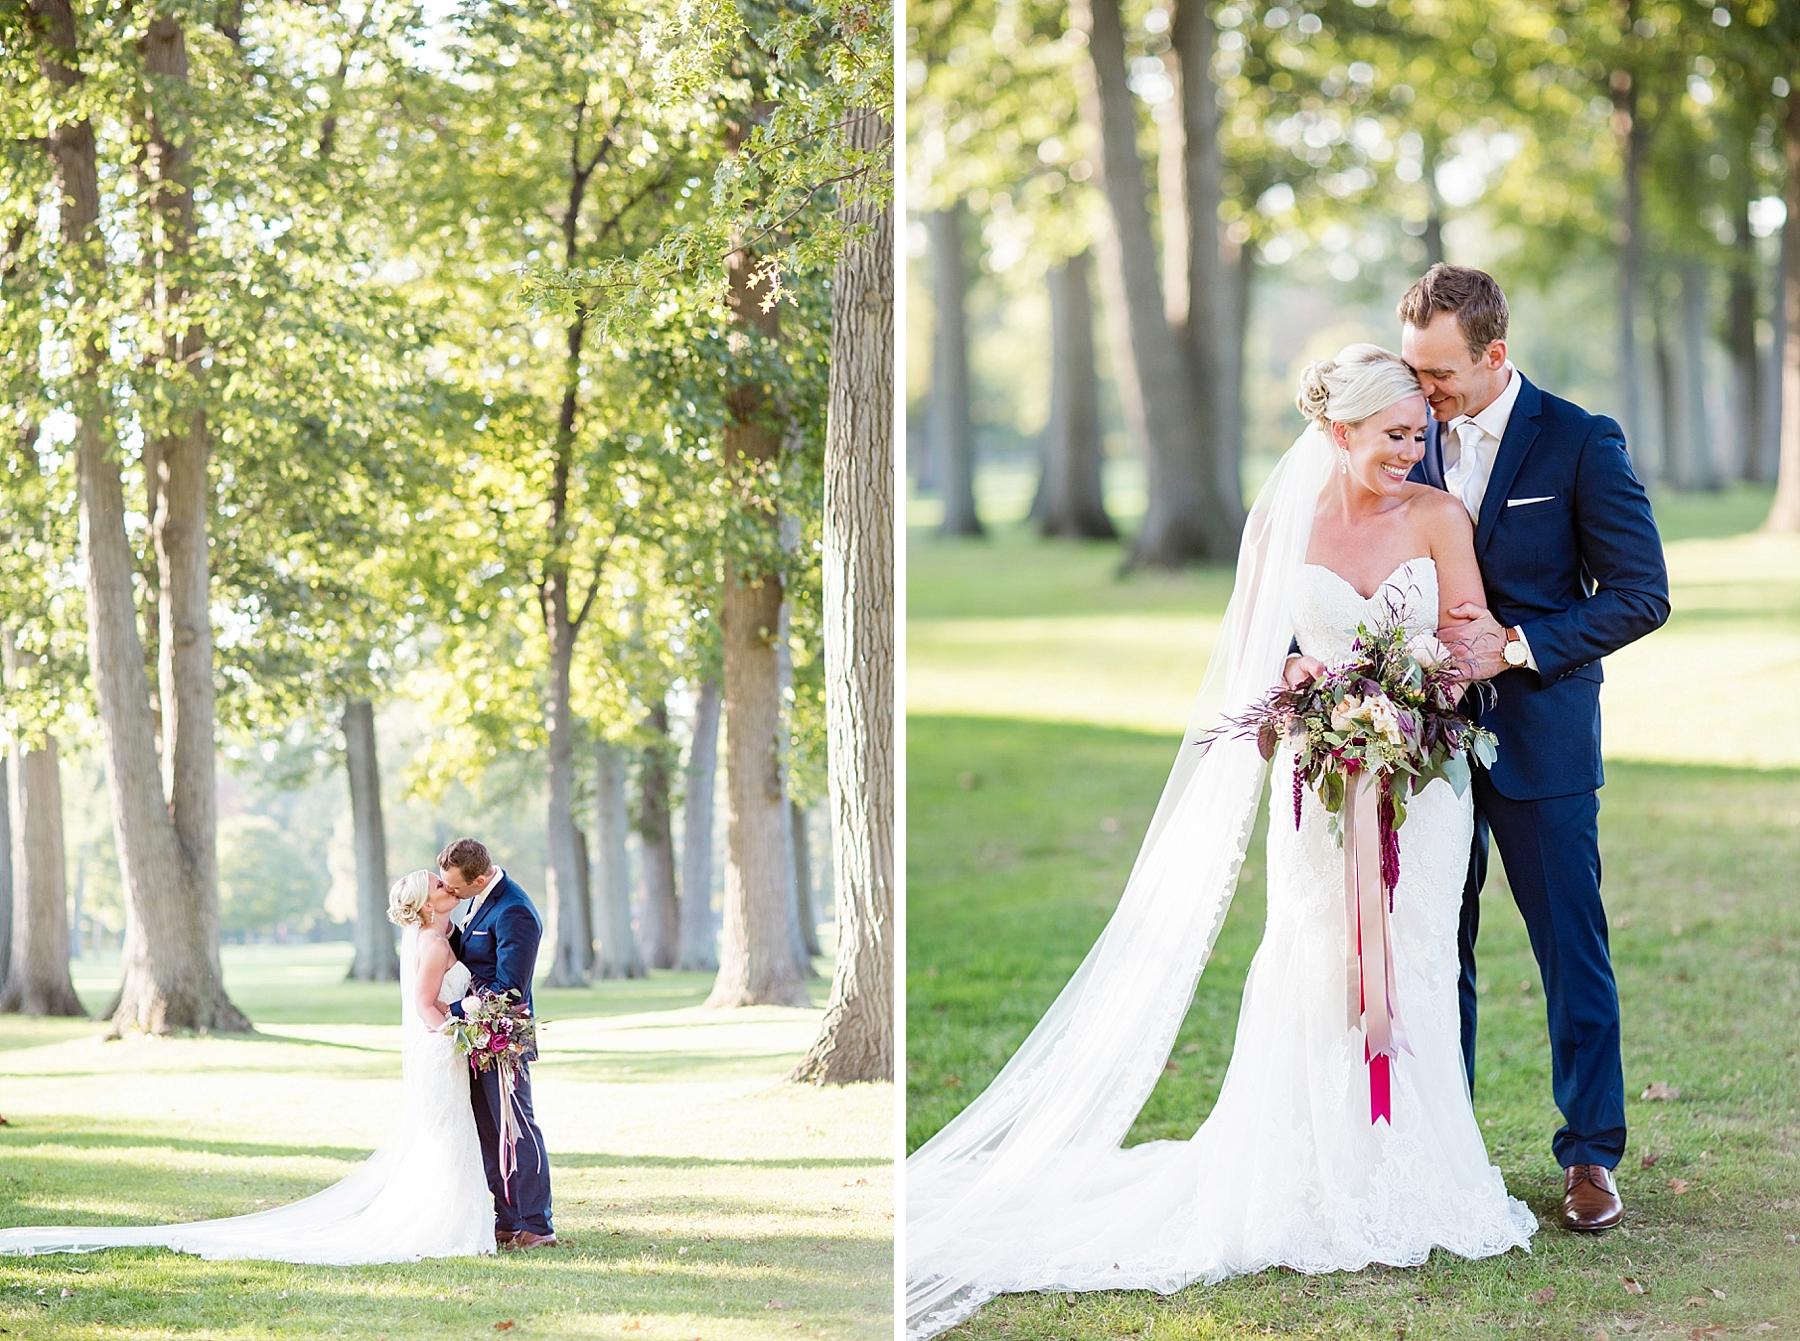 windsor-wedding-photographer-essex-golf-country-club-wedding-eryn-shea-photography_0060.jpg